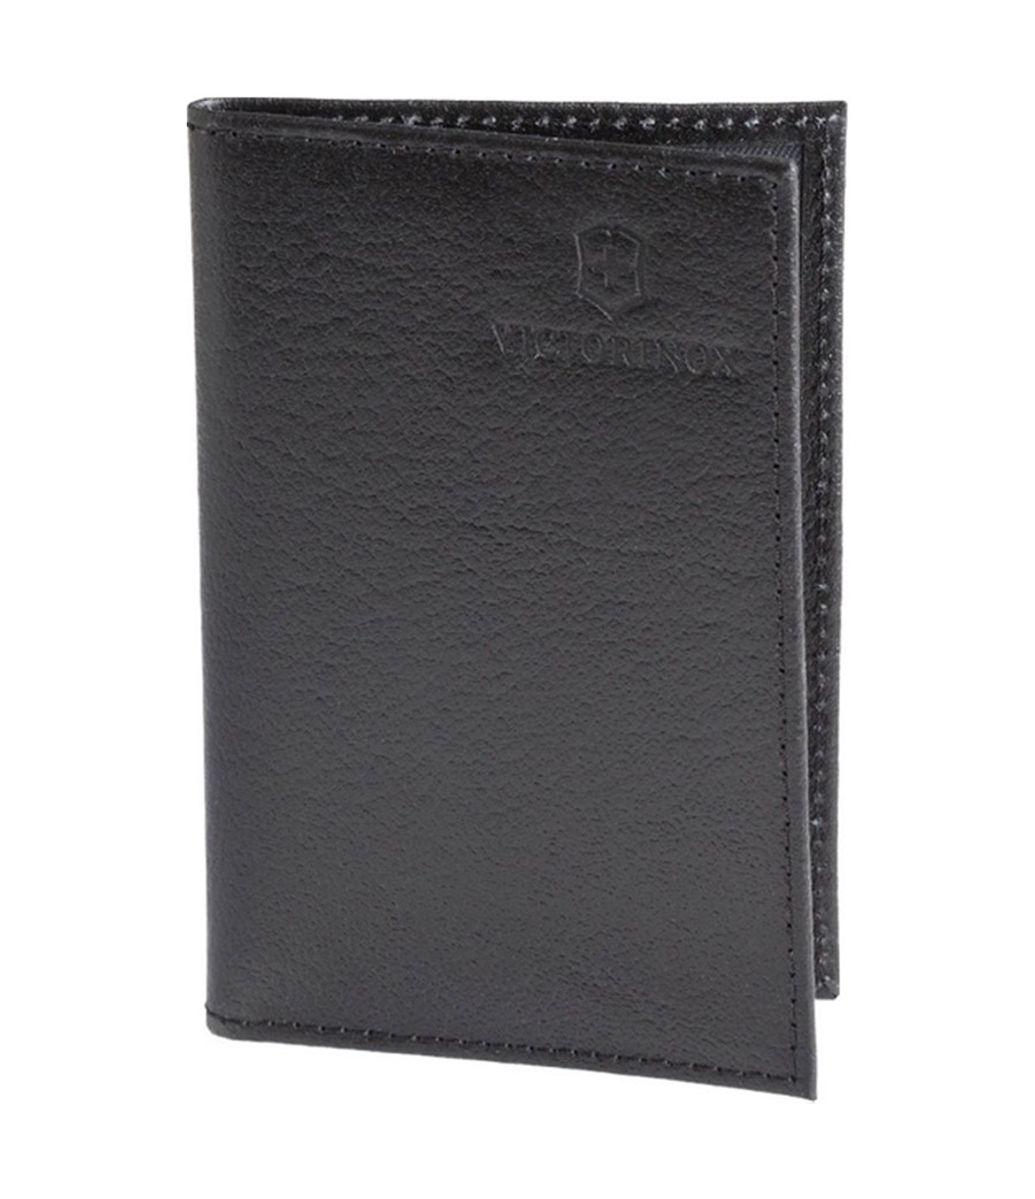 Porta Cartões p/ SwissCard em couro sintético